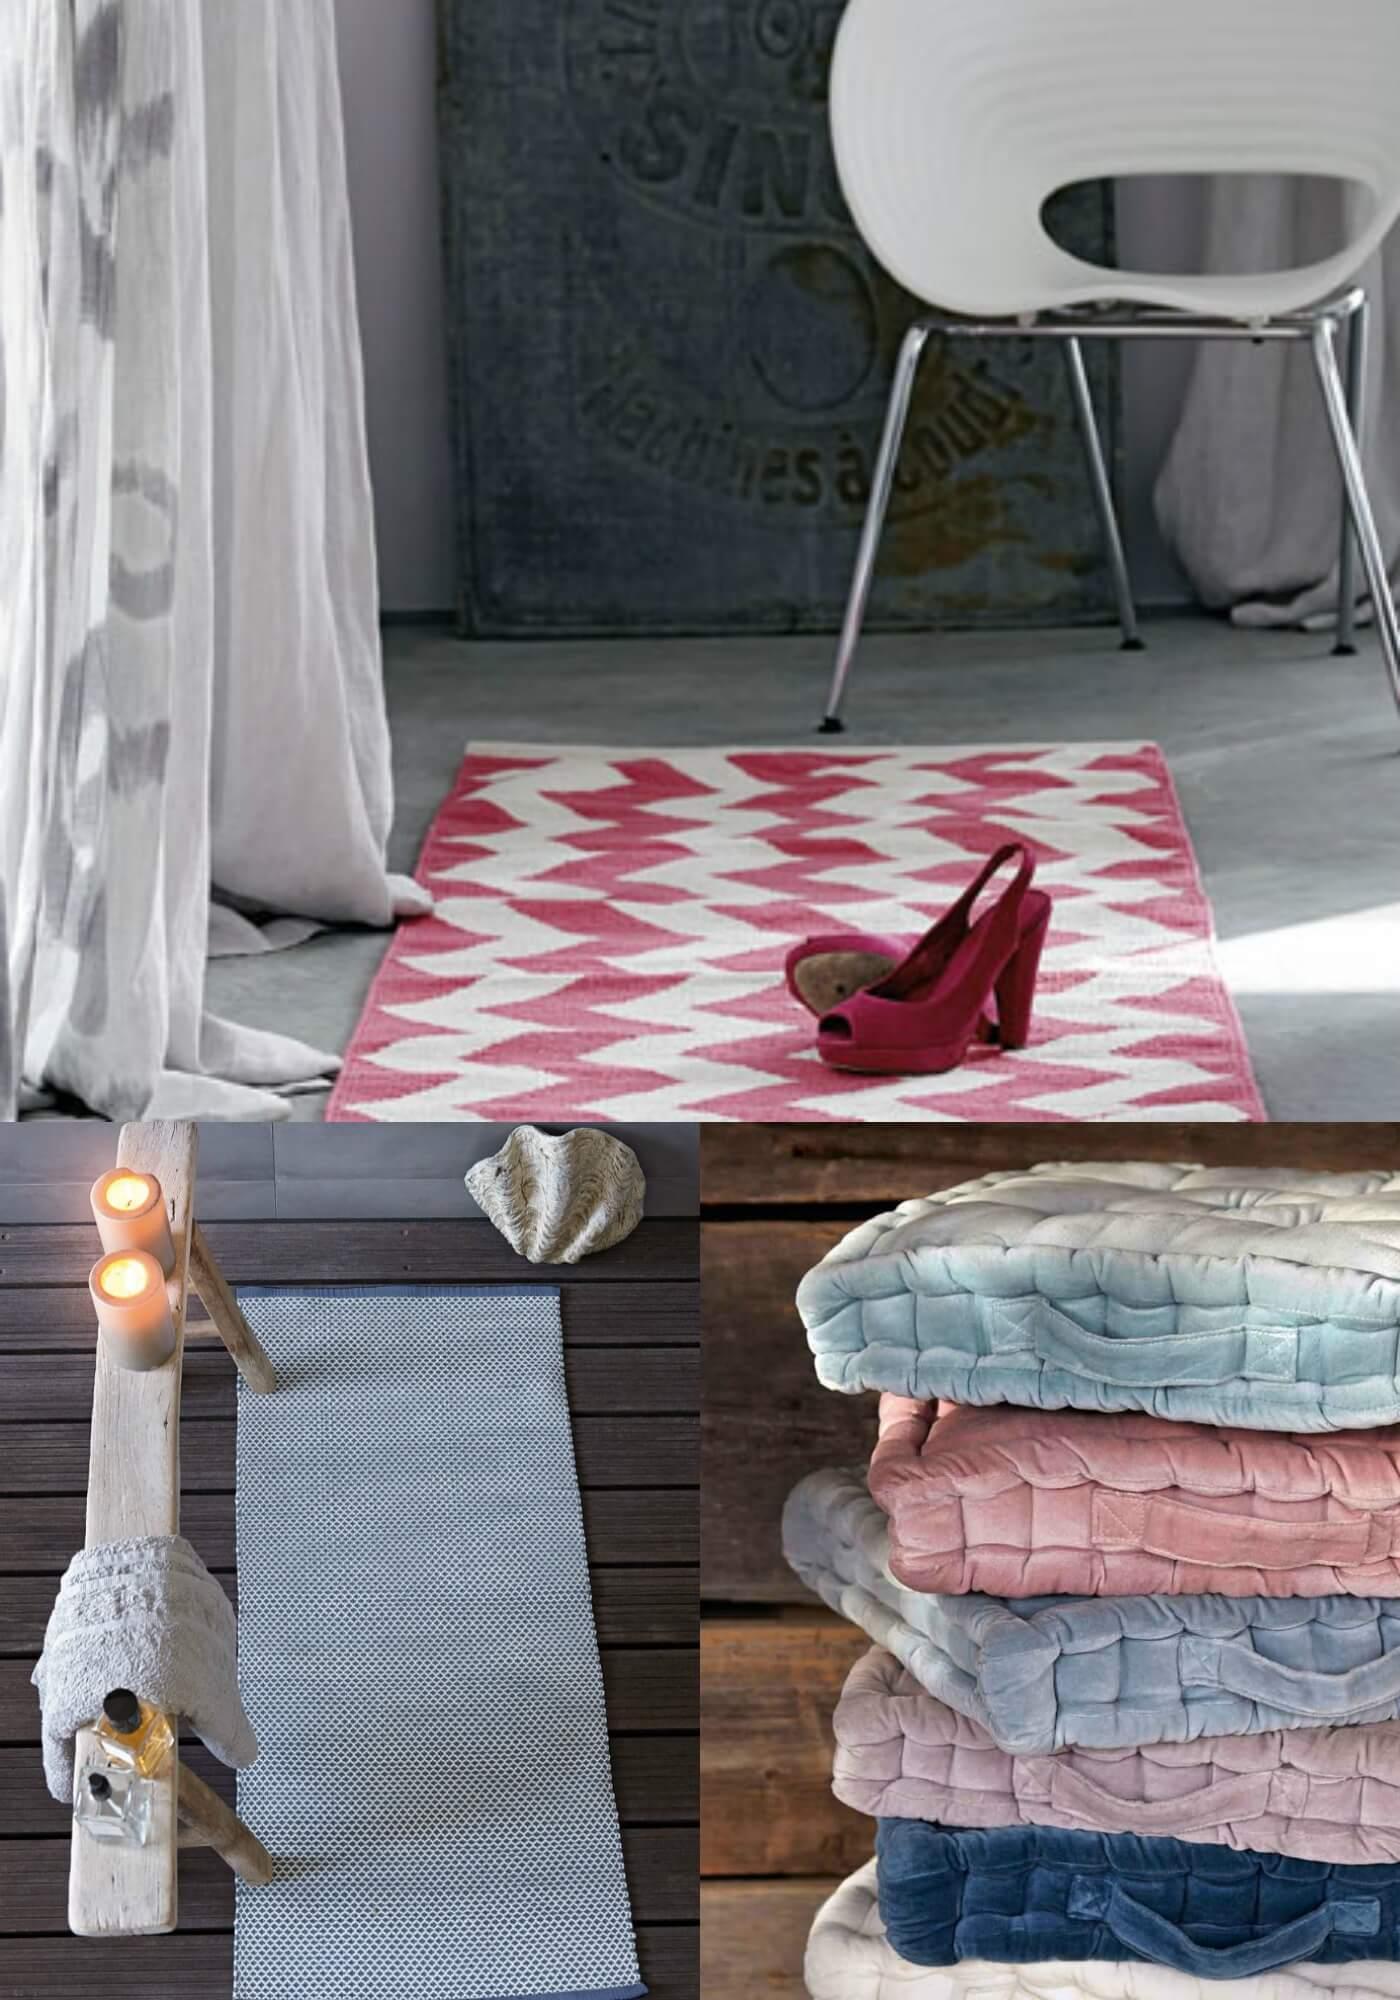 Beim liv Interior Sample & Stock Sale gibt's wundervolle Deko für dein Heim! 😍